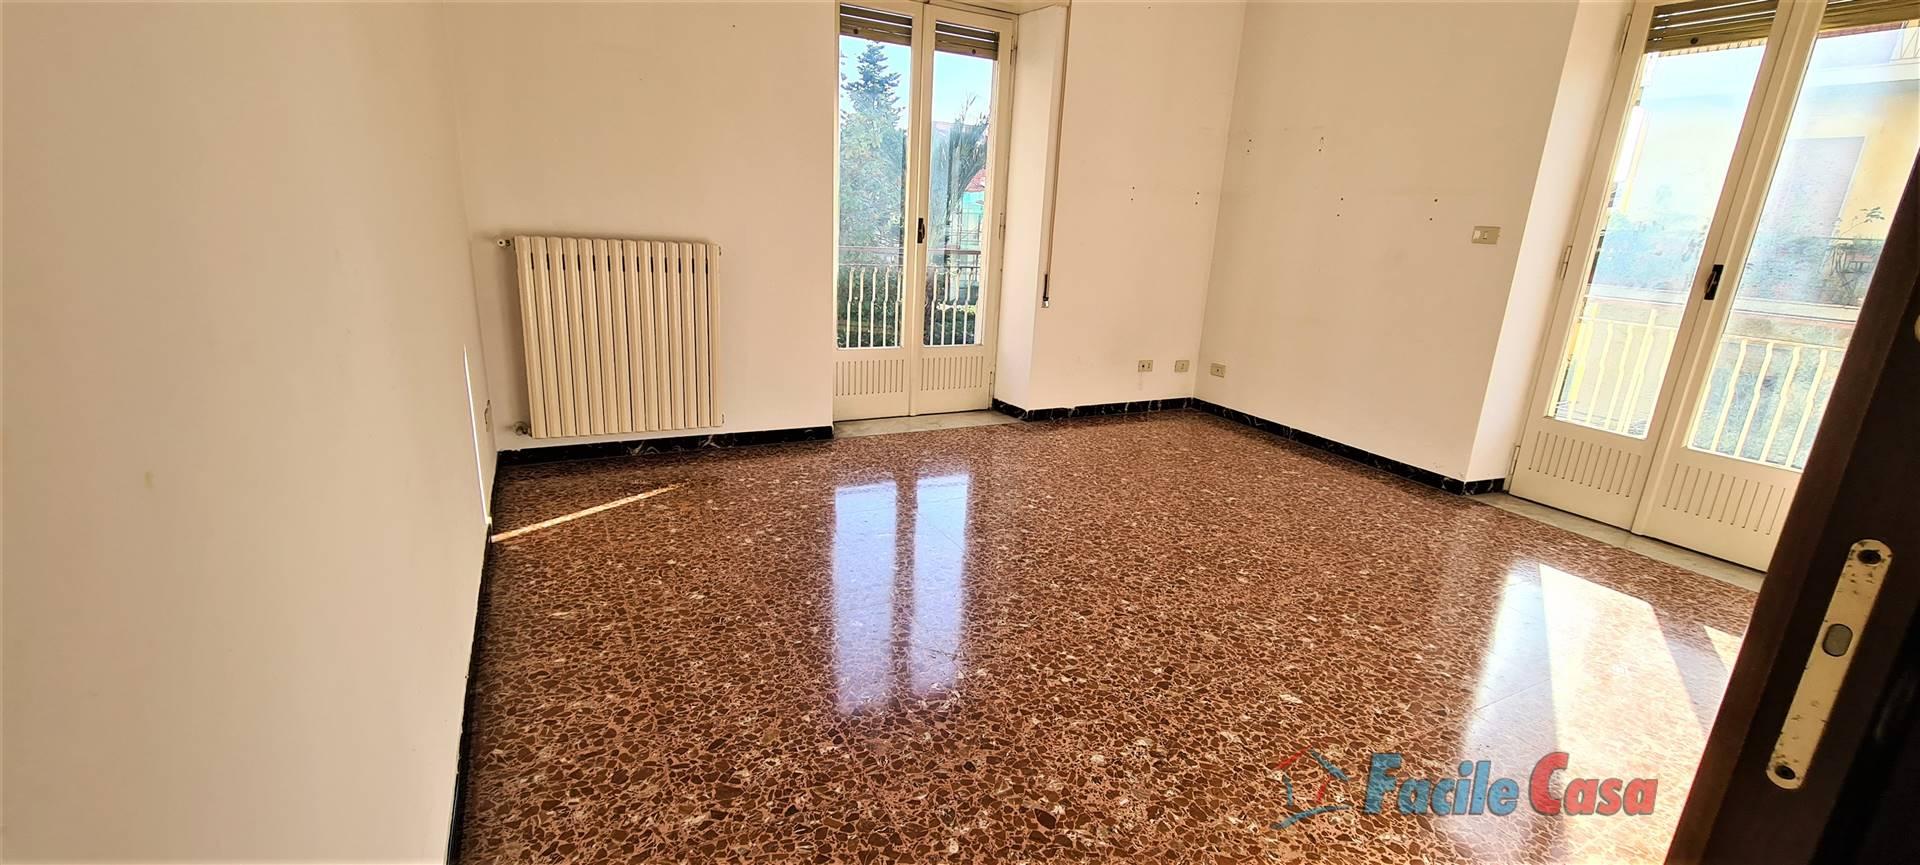 FORMIA, Квартира в аренду из 112 Км, Xорошо, Отопление Независимое, Класс энергосбережения: G, на земле 1° на 3, состоит из: 4 Помещения, Отдельная